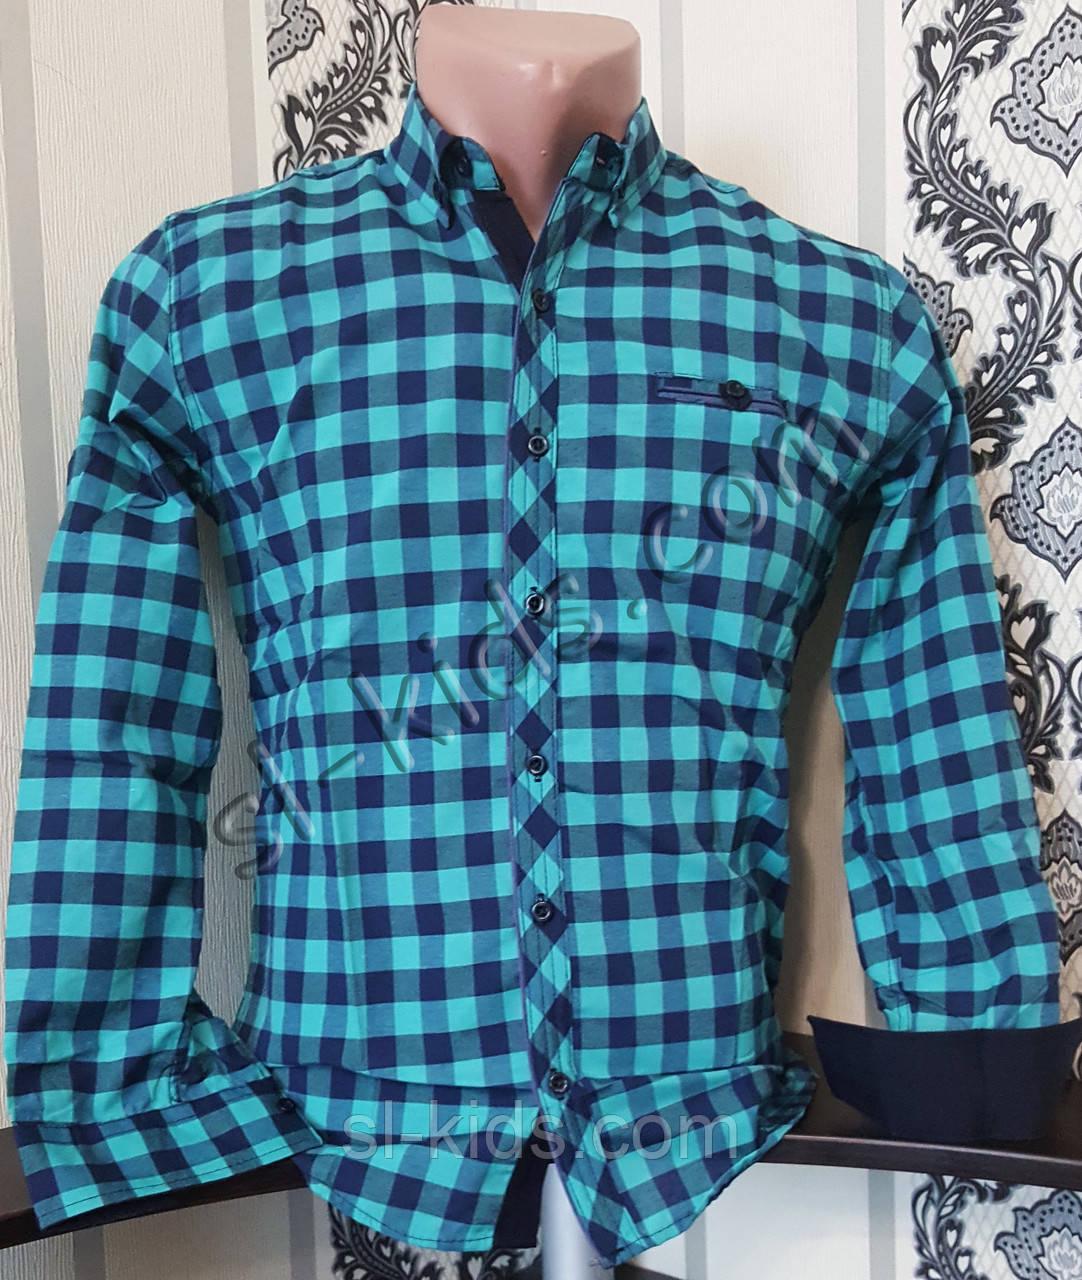 Стильная коттоновая рубашка для мальчика 7-12 лет(розн) (клетка бирюза) (пр. Турция)